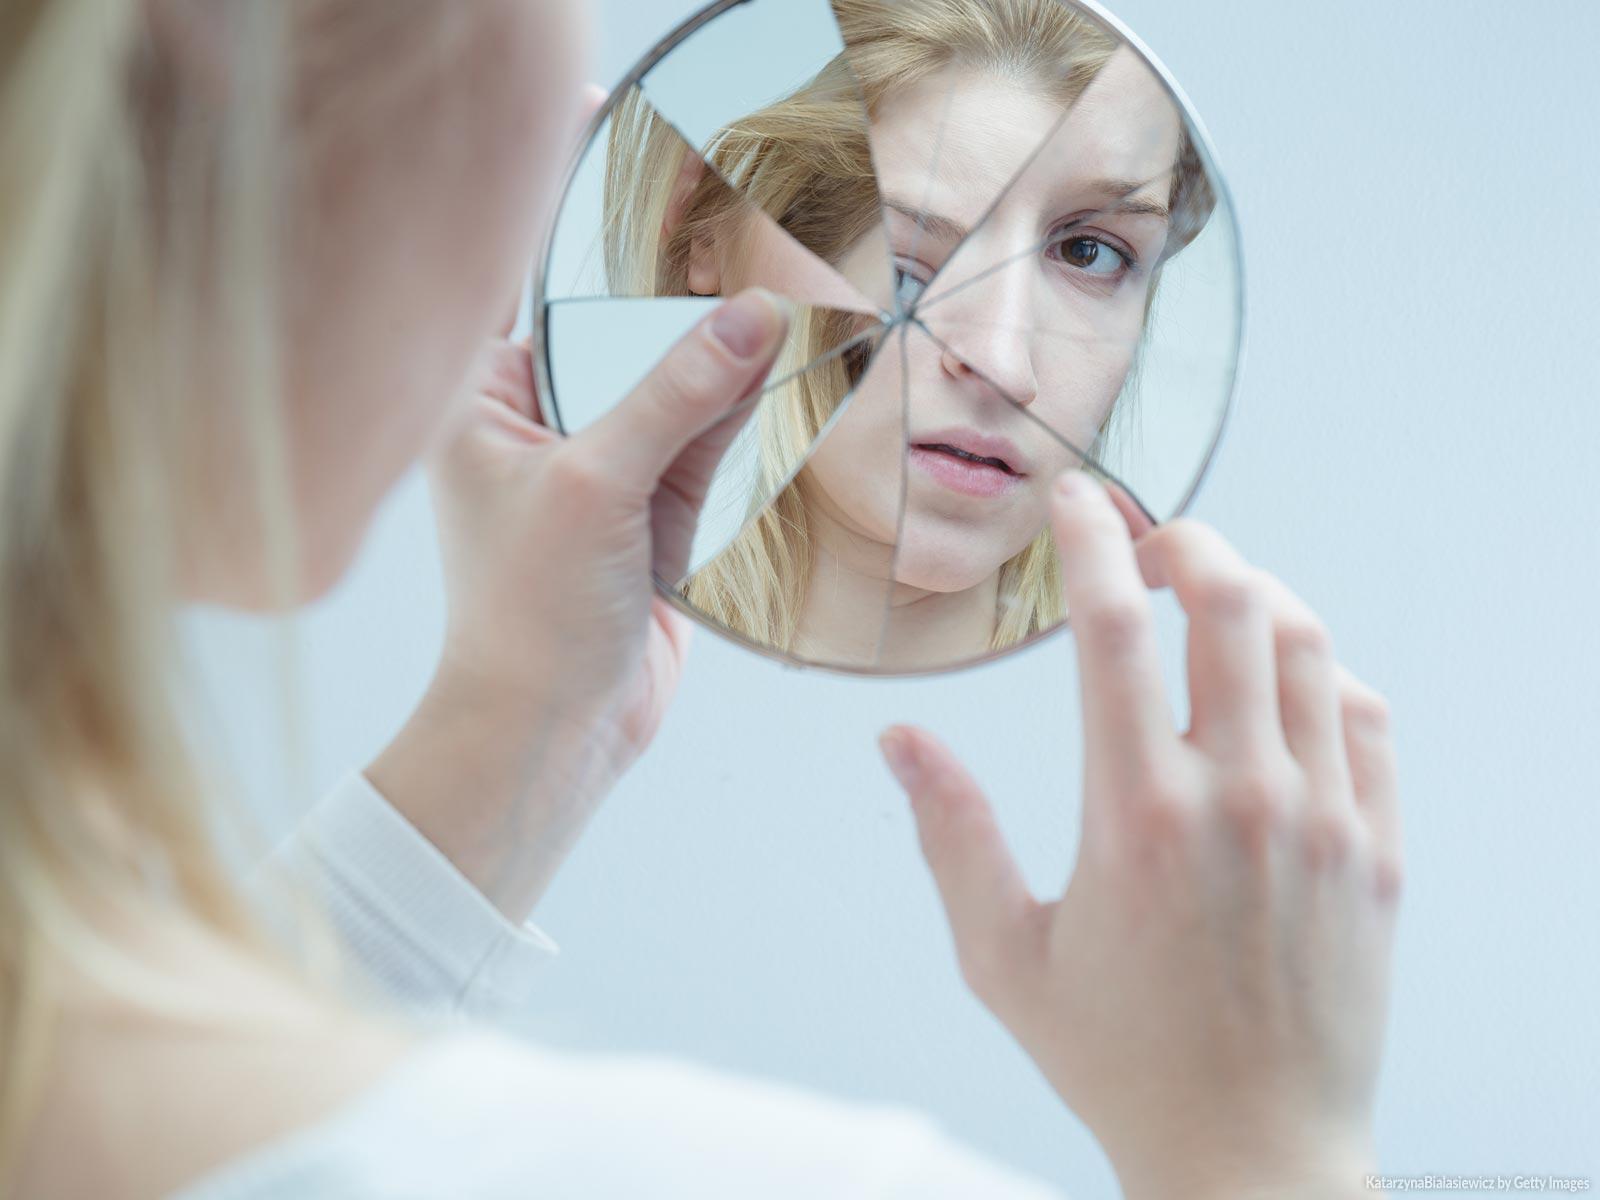 Na sociedade dos perfeitos, tem lugar para o imperfeito?